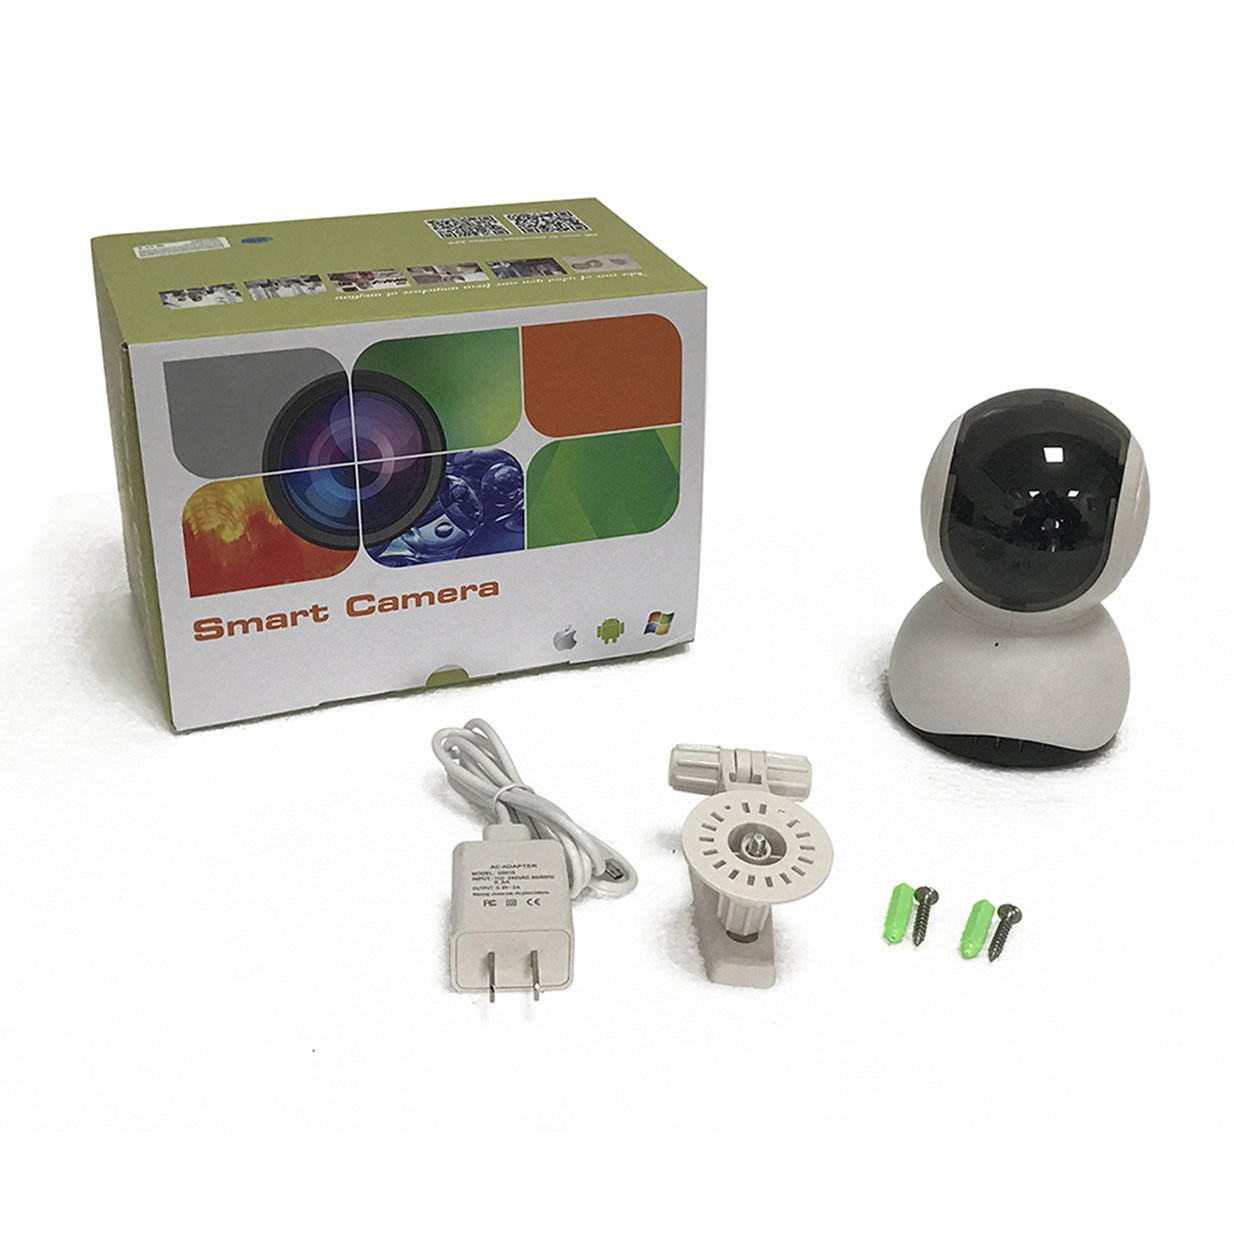 DongAshley Cámara De Vídeo De Seguridad De Internet,Control Remoto Cámara IP De Vigilancia,Alarma Inalámbrica & Lente Infrarroja & Control Remoto: ...